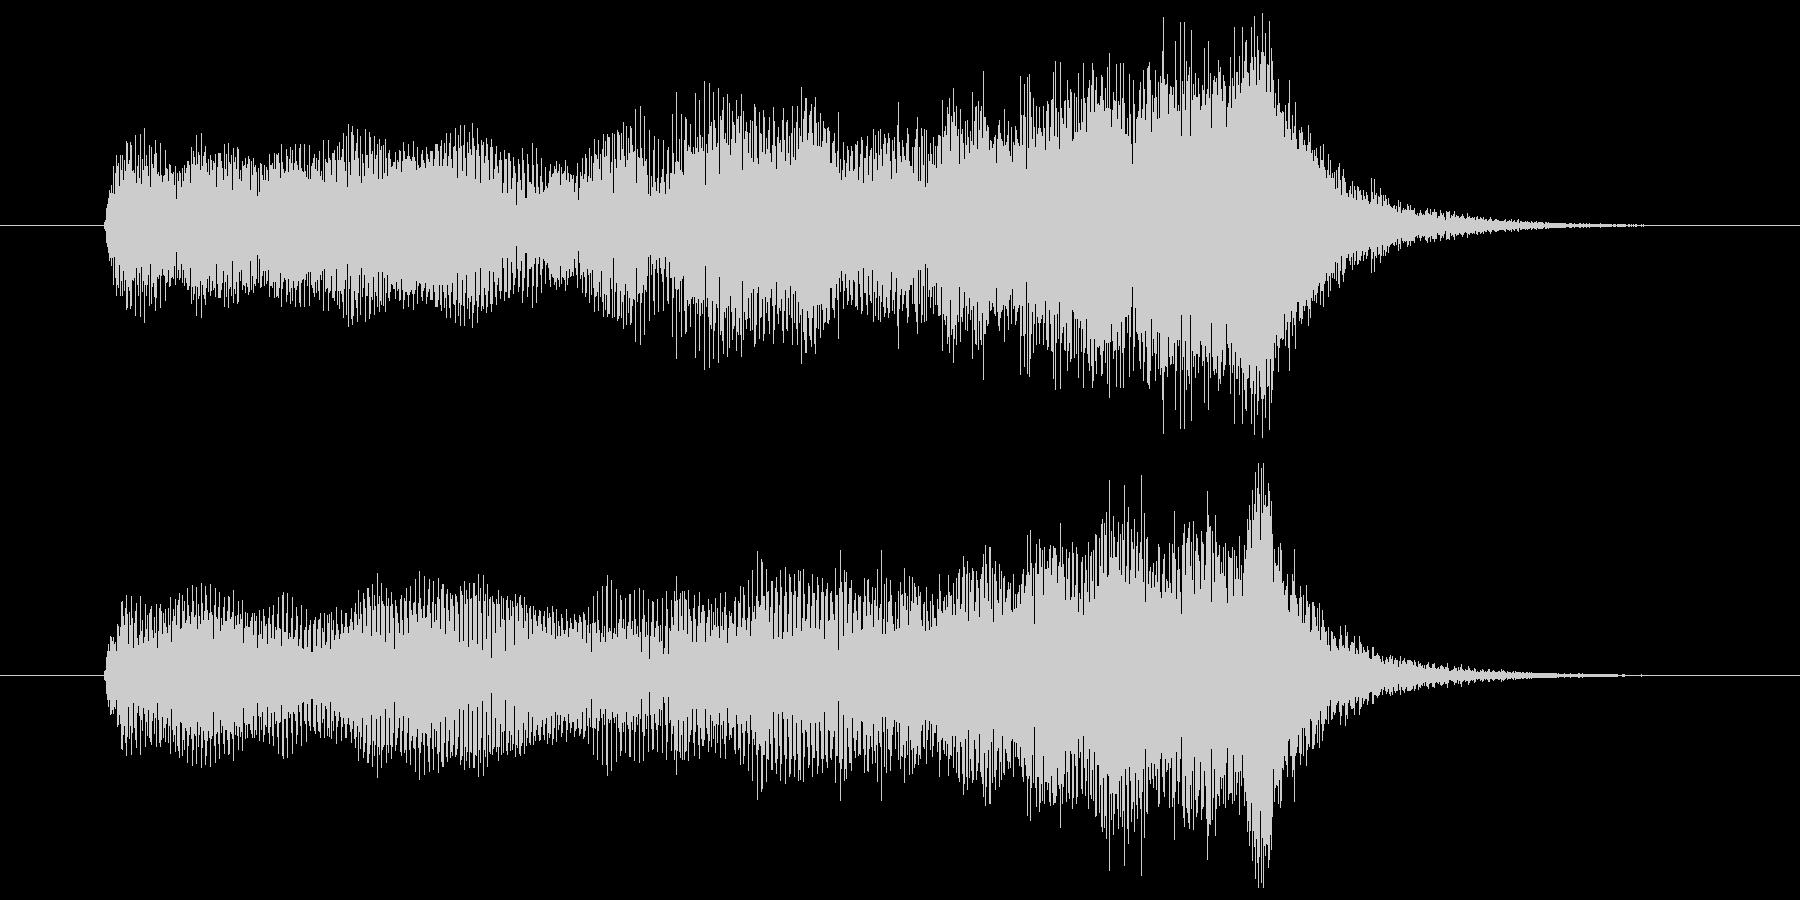 明るくキラキラ感のあるシンセサウンドの未再生の波形